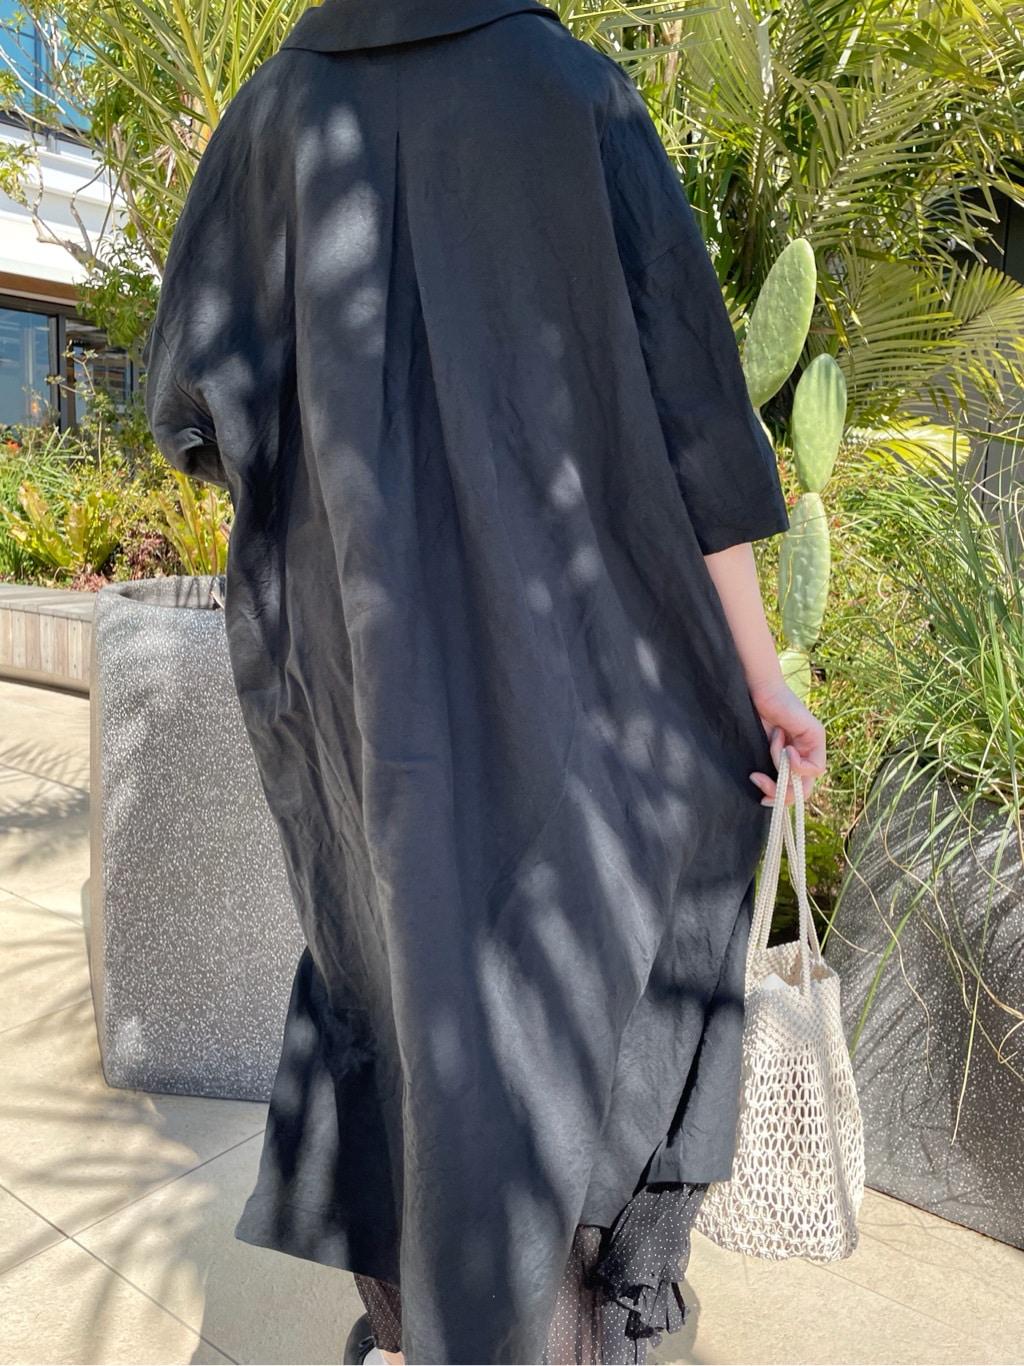 yuni ニュウマン横浜 身長:166cm 2021.03.20